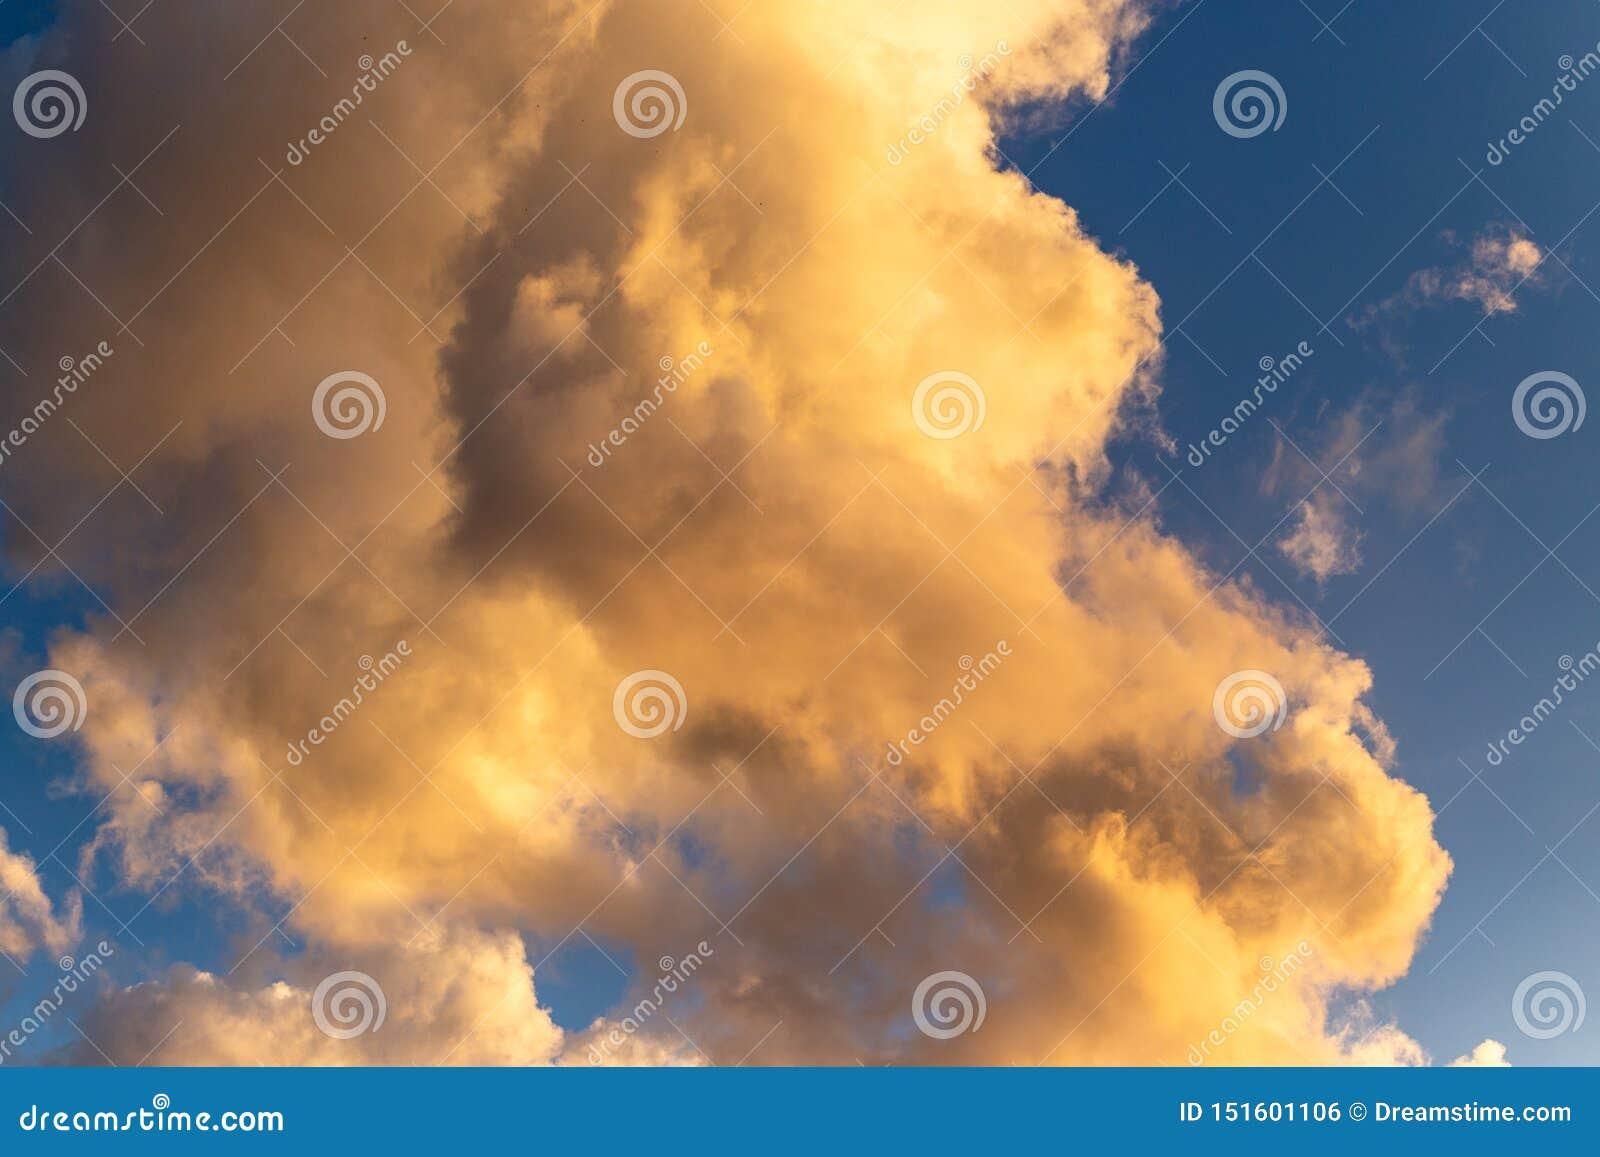 Goldene Stundenwolken mit einem tiefen blauen Hintergrund